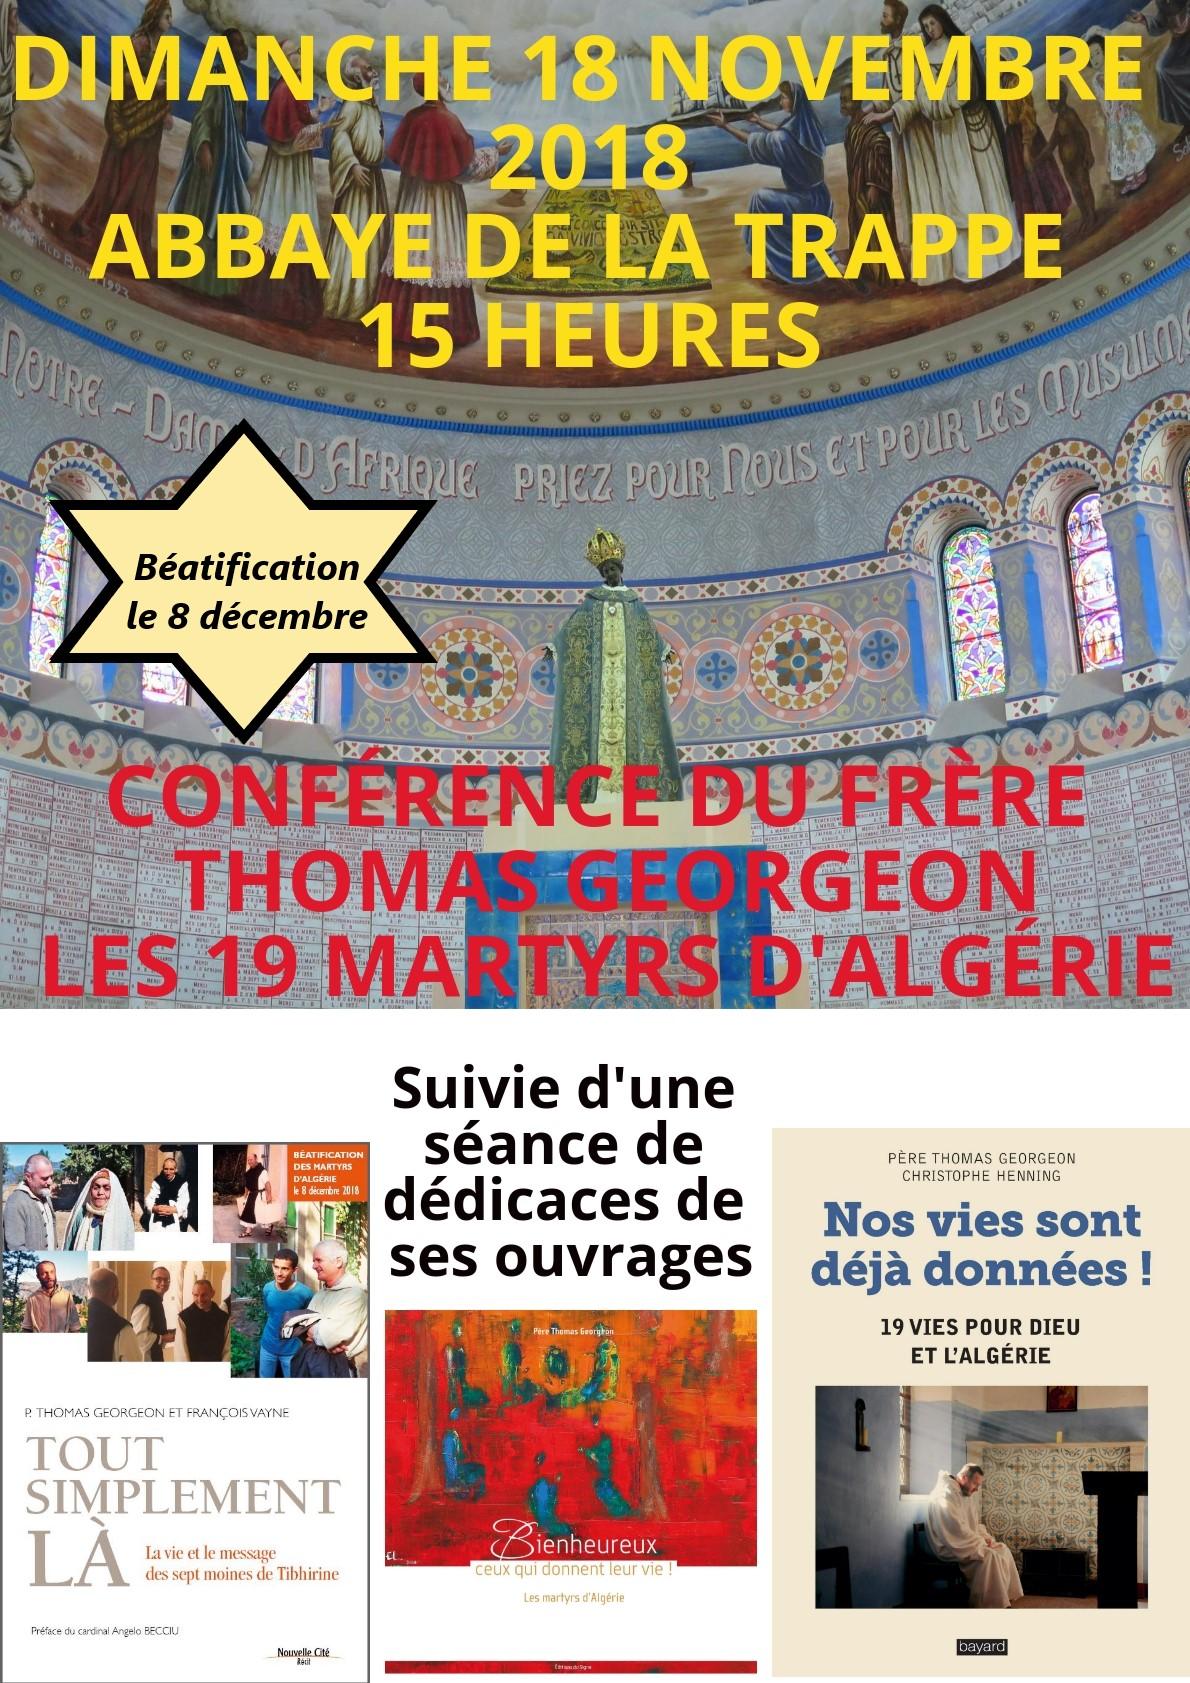 Conférence sur les martyrs d'Algérie le 18 novembre 2018 à l'Abbaye de la Trappe (61)